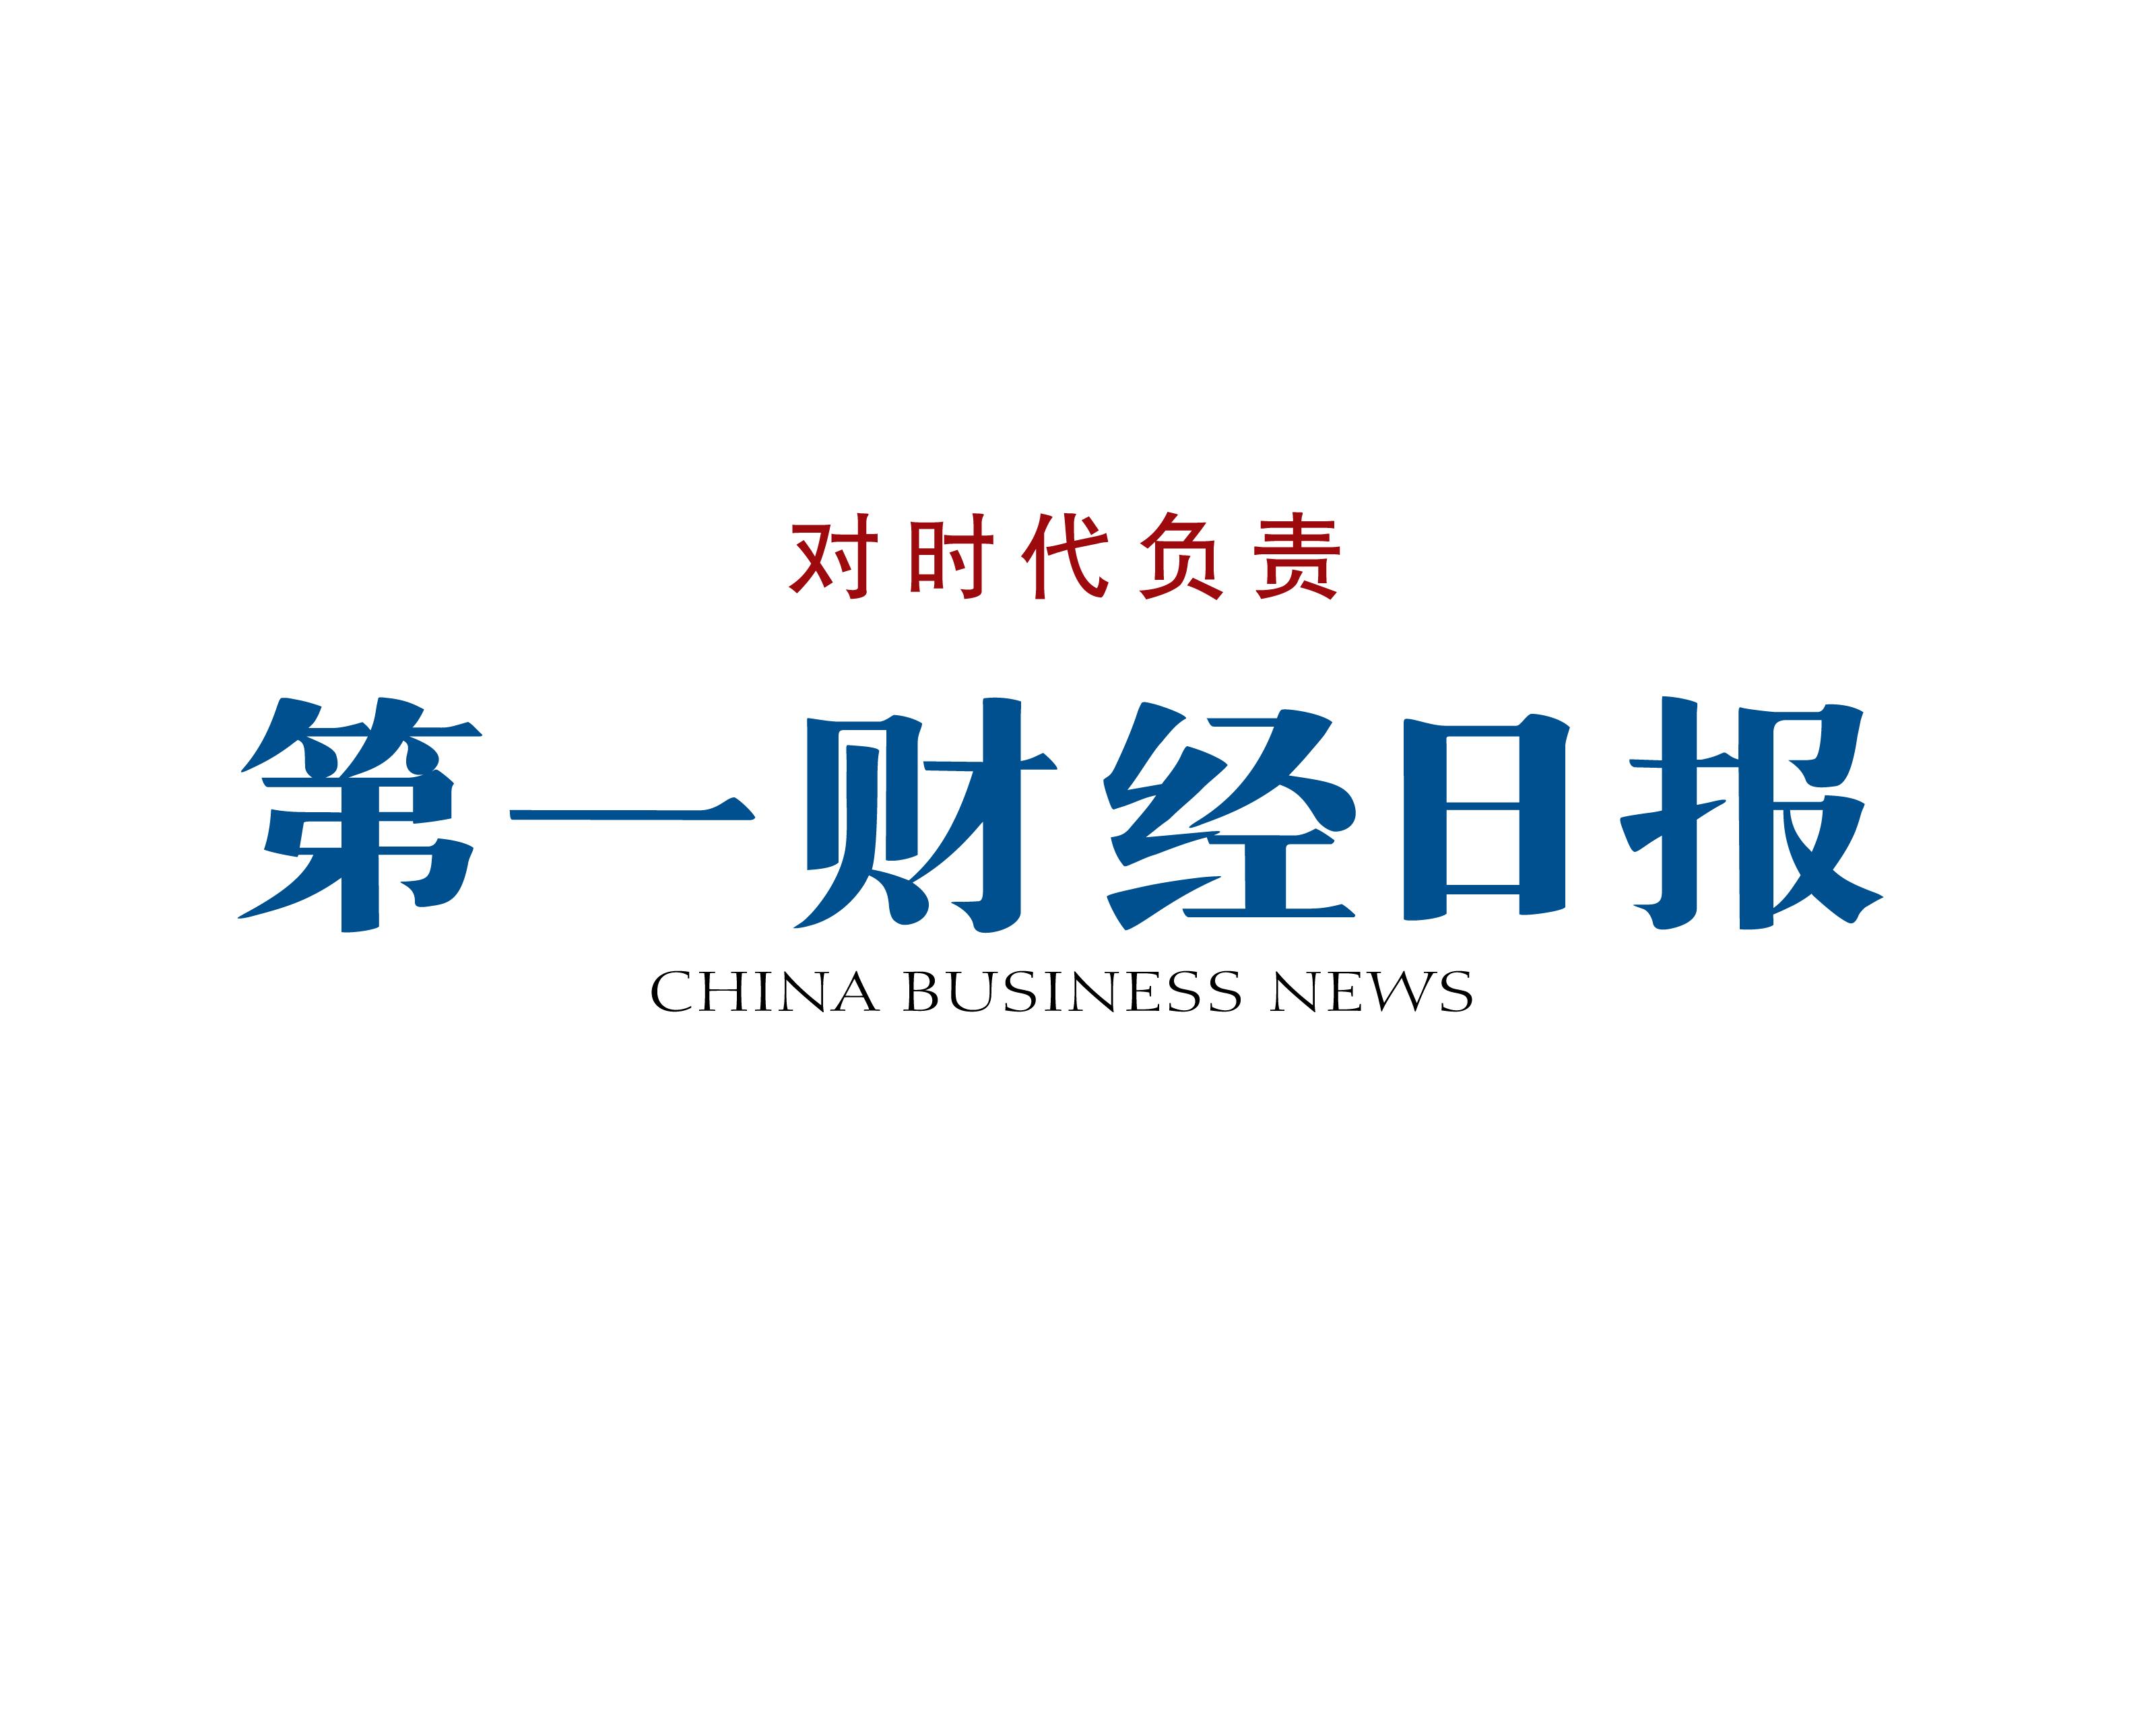 上海第一财经网络电视-上海第一财经在线直播-上海第一财经-上海第一